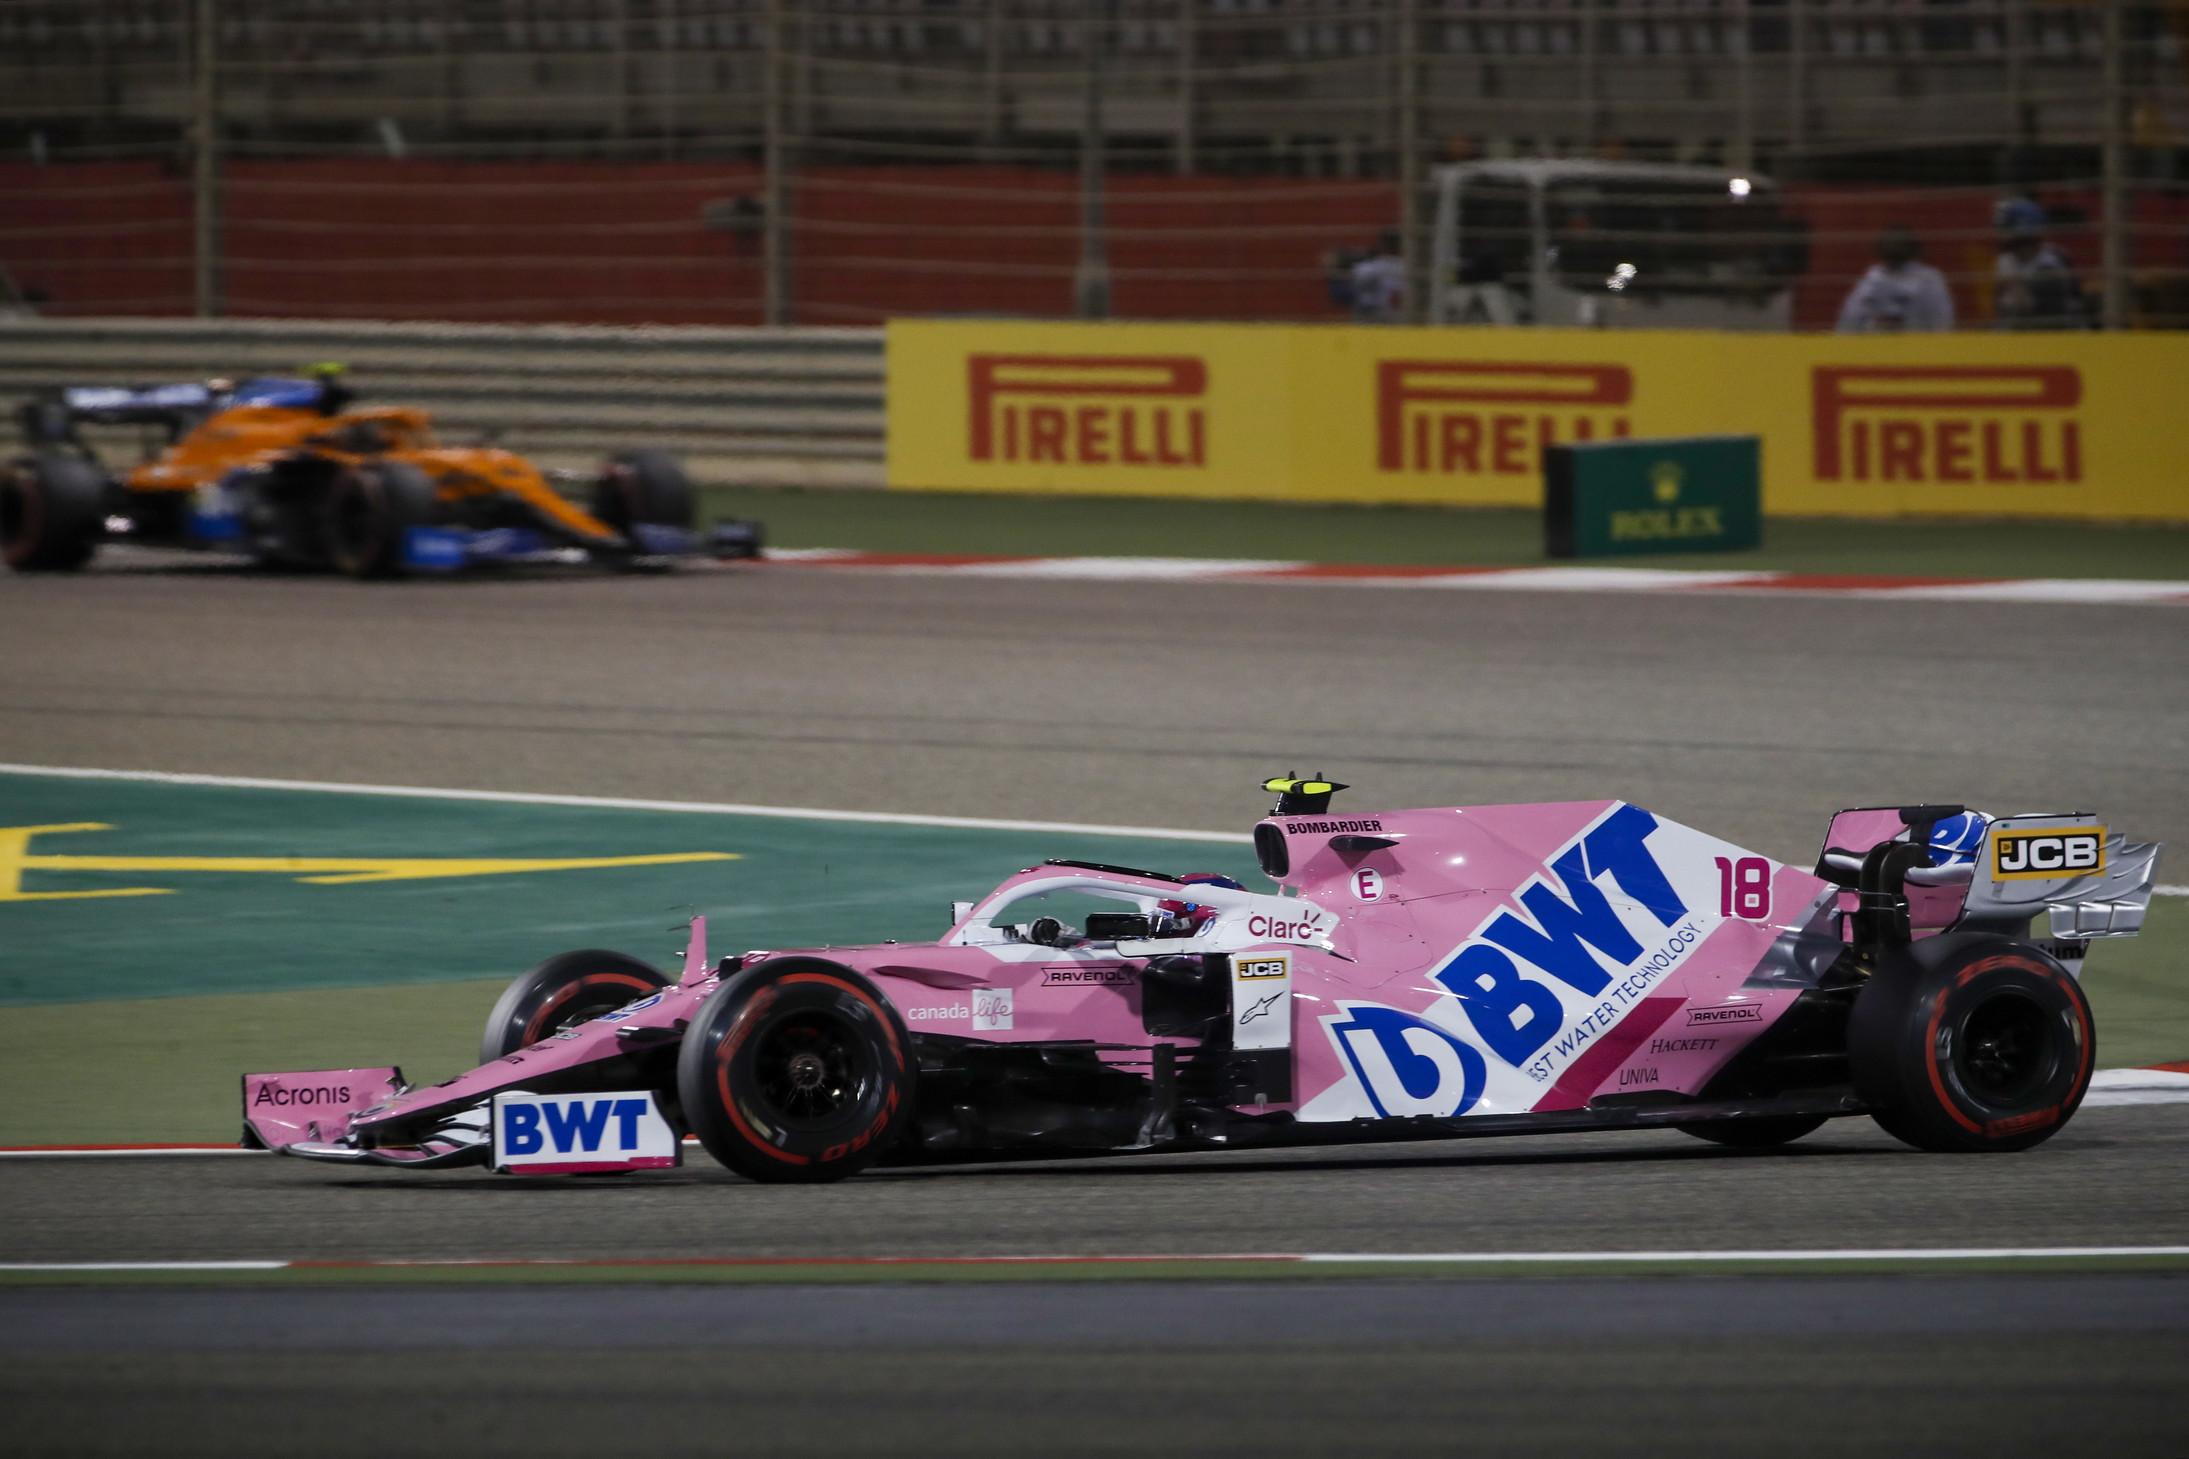 Il messicano conquista il primo successo in carriera in F1 al termine di una gara ricca di emozioni nel GP di Sakhir dopo il contatto con Leclerc<br /><br />